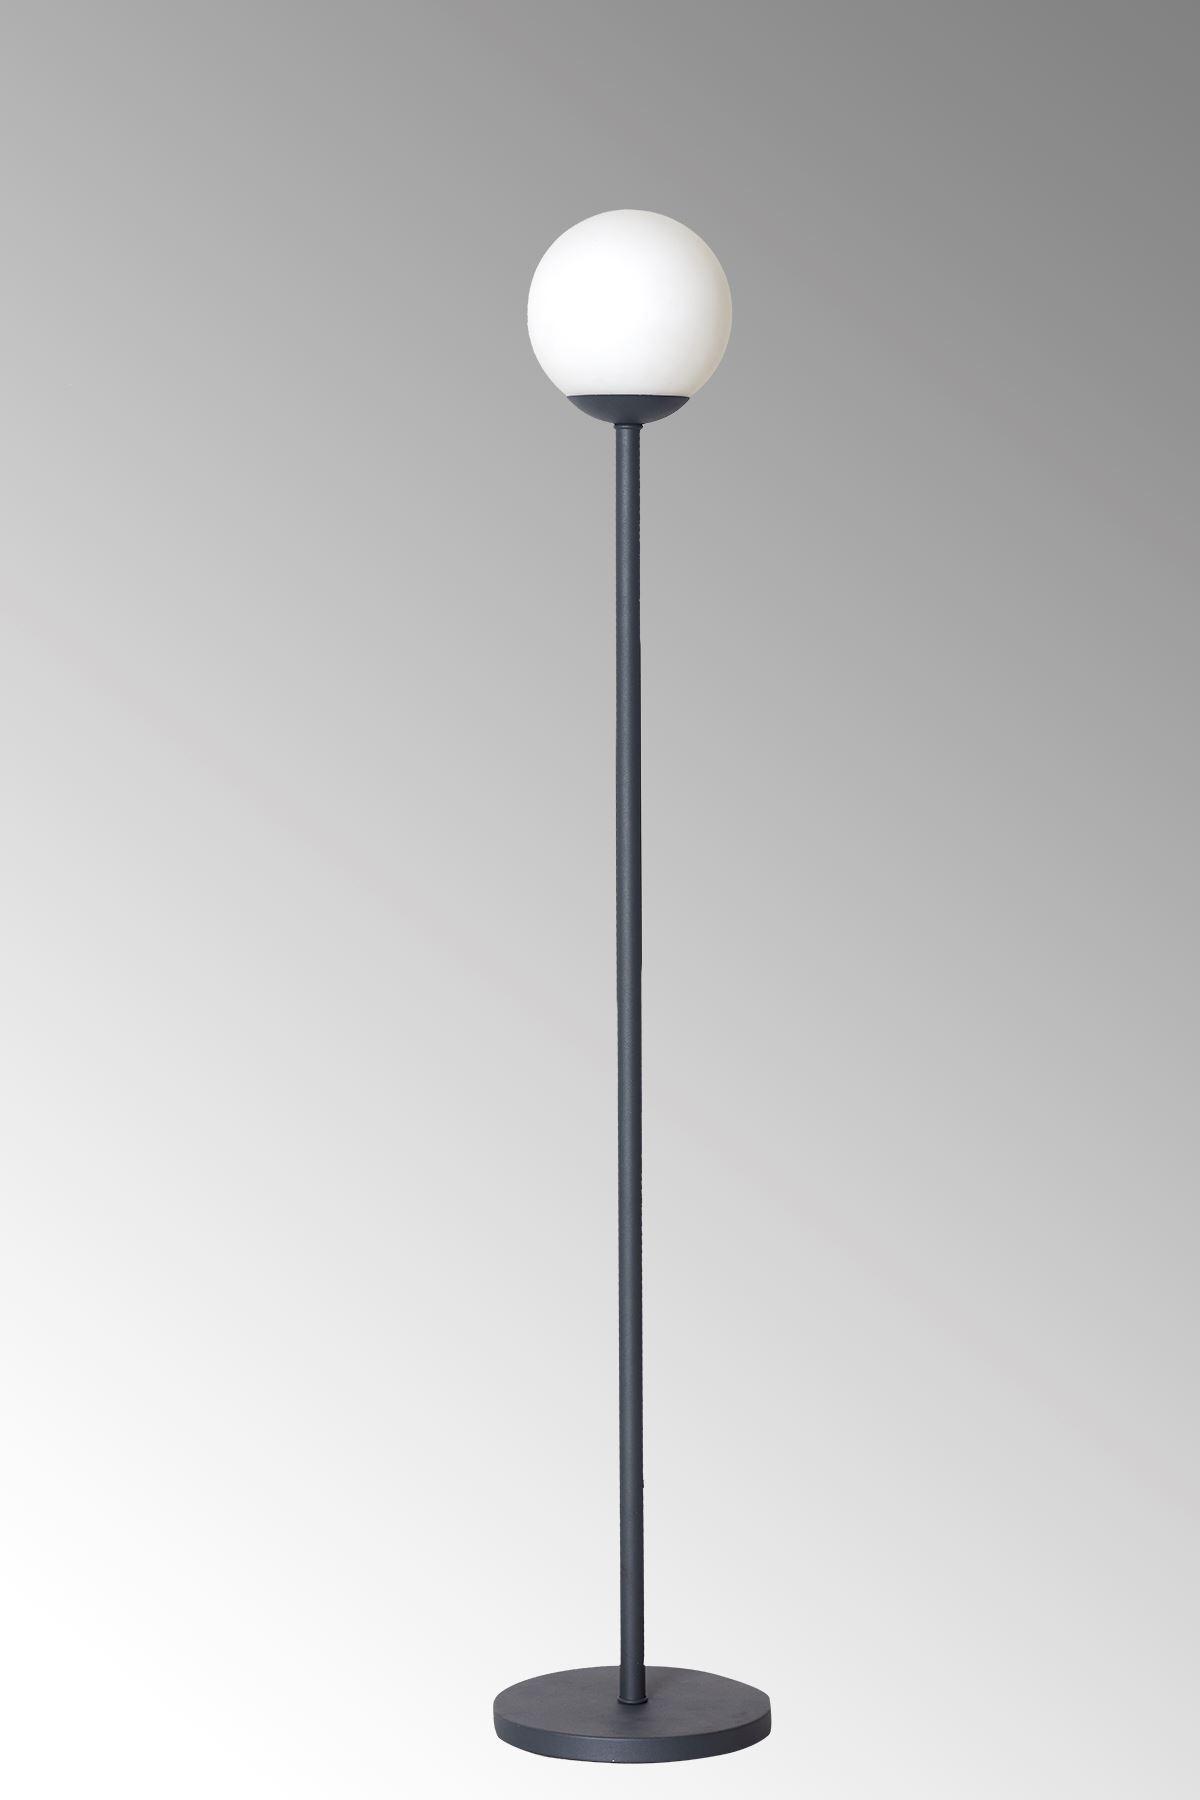 Glob Antrasit Metal Gövde Beyaz Camlı  Tasarım Lüx Yerden Aydınlatma Lambader